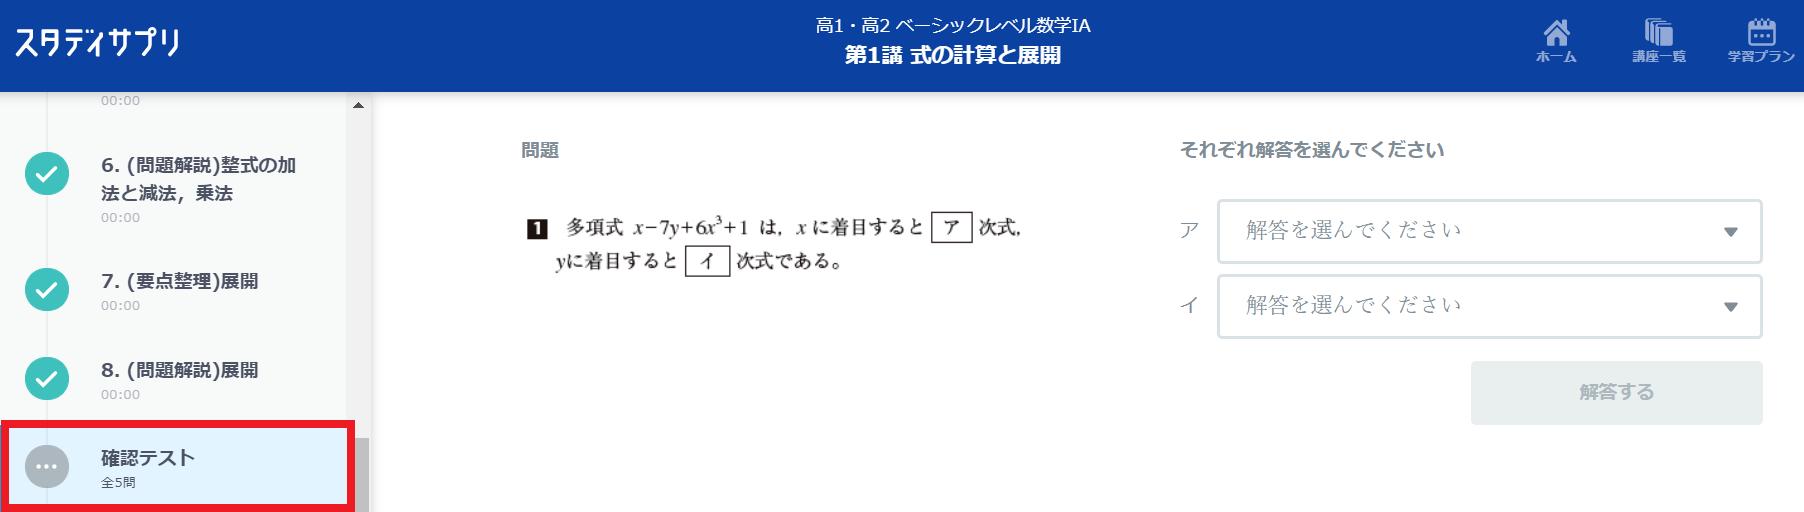 ベーシックレベル数学IAの確認テスト